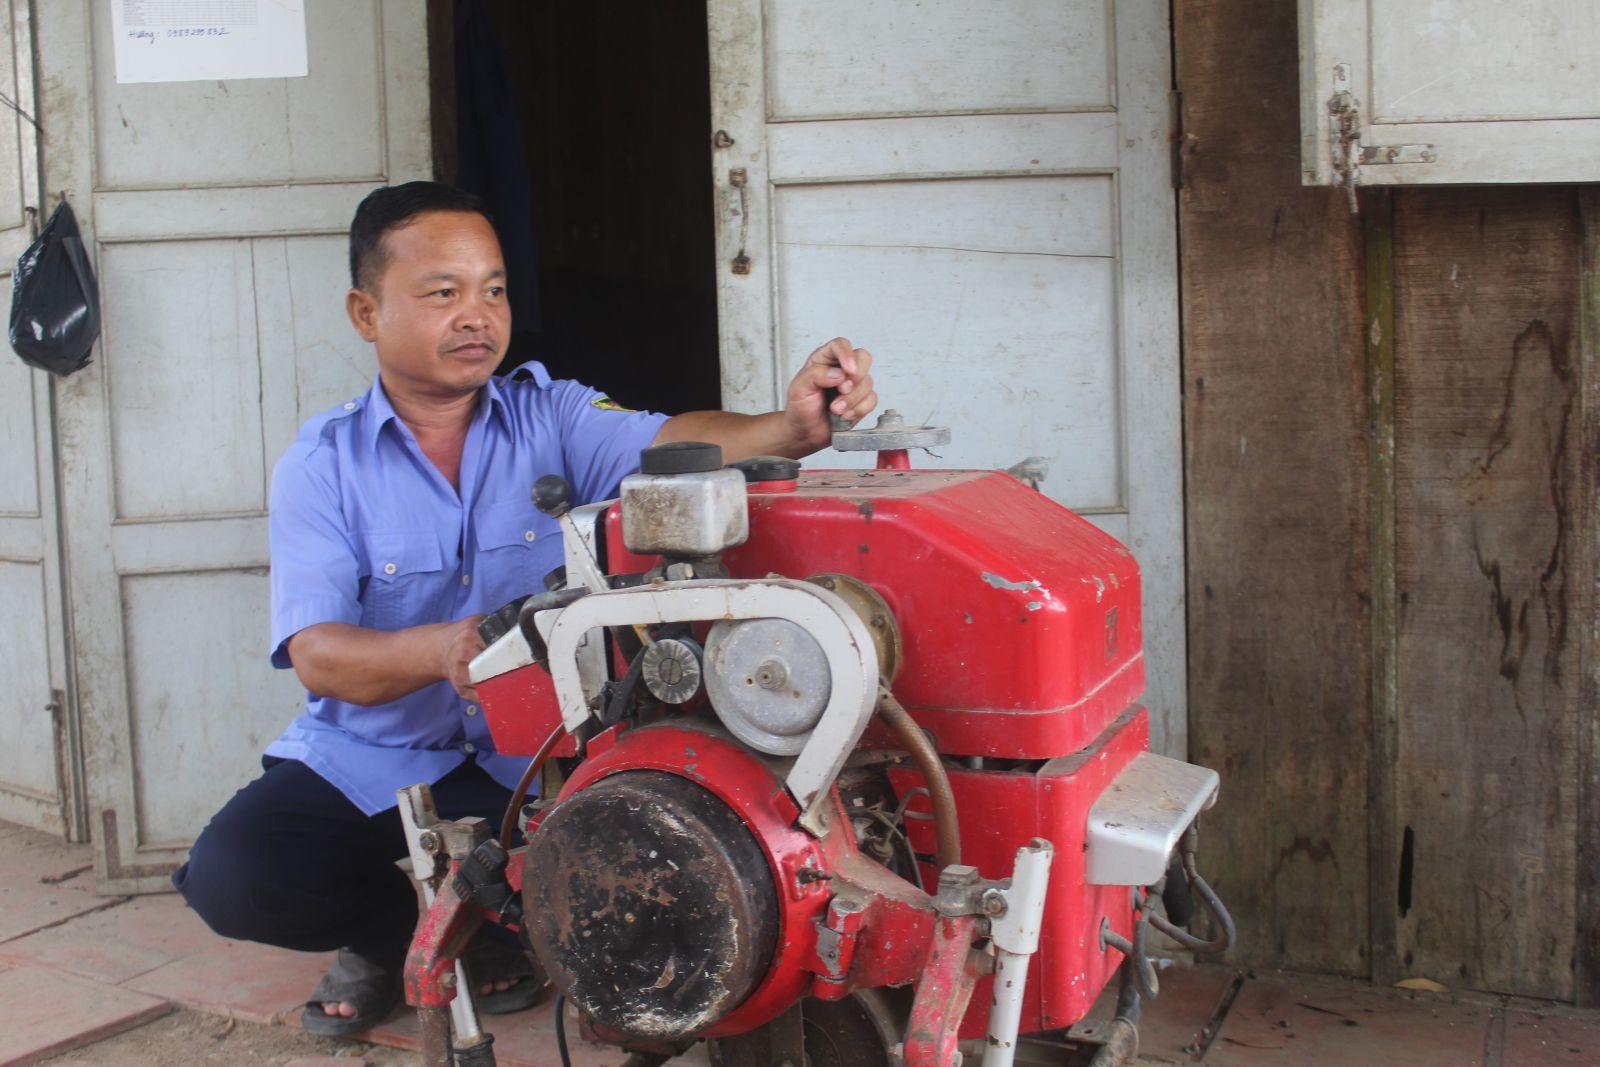 Lực lượng làm công tác phòng cháy, chữa cháy ở Khu di tích lịch sử Cách mạng tỉnh ít nên việc phòng cháy, chữa cháy gặp nhiều khó khăn